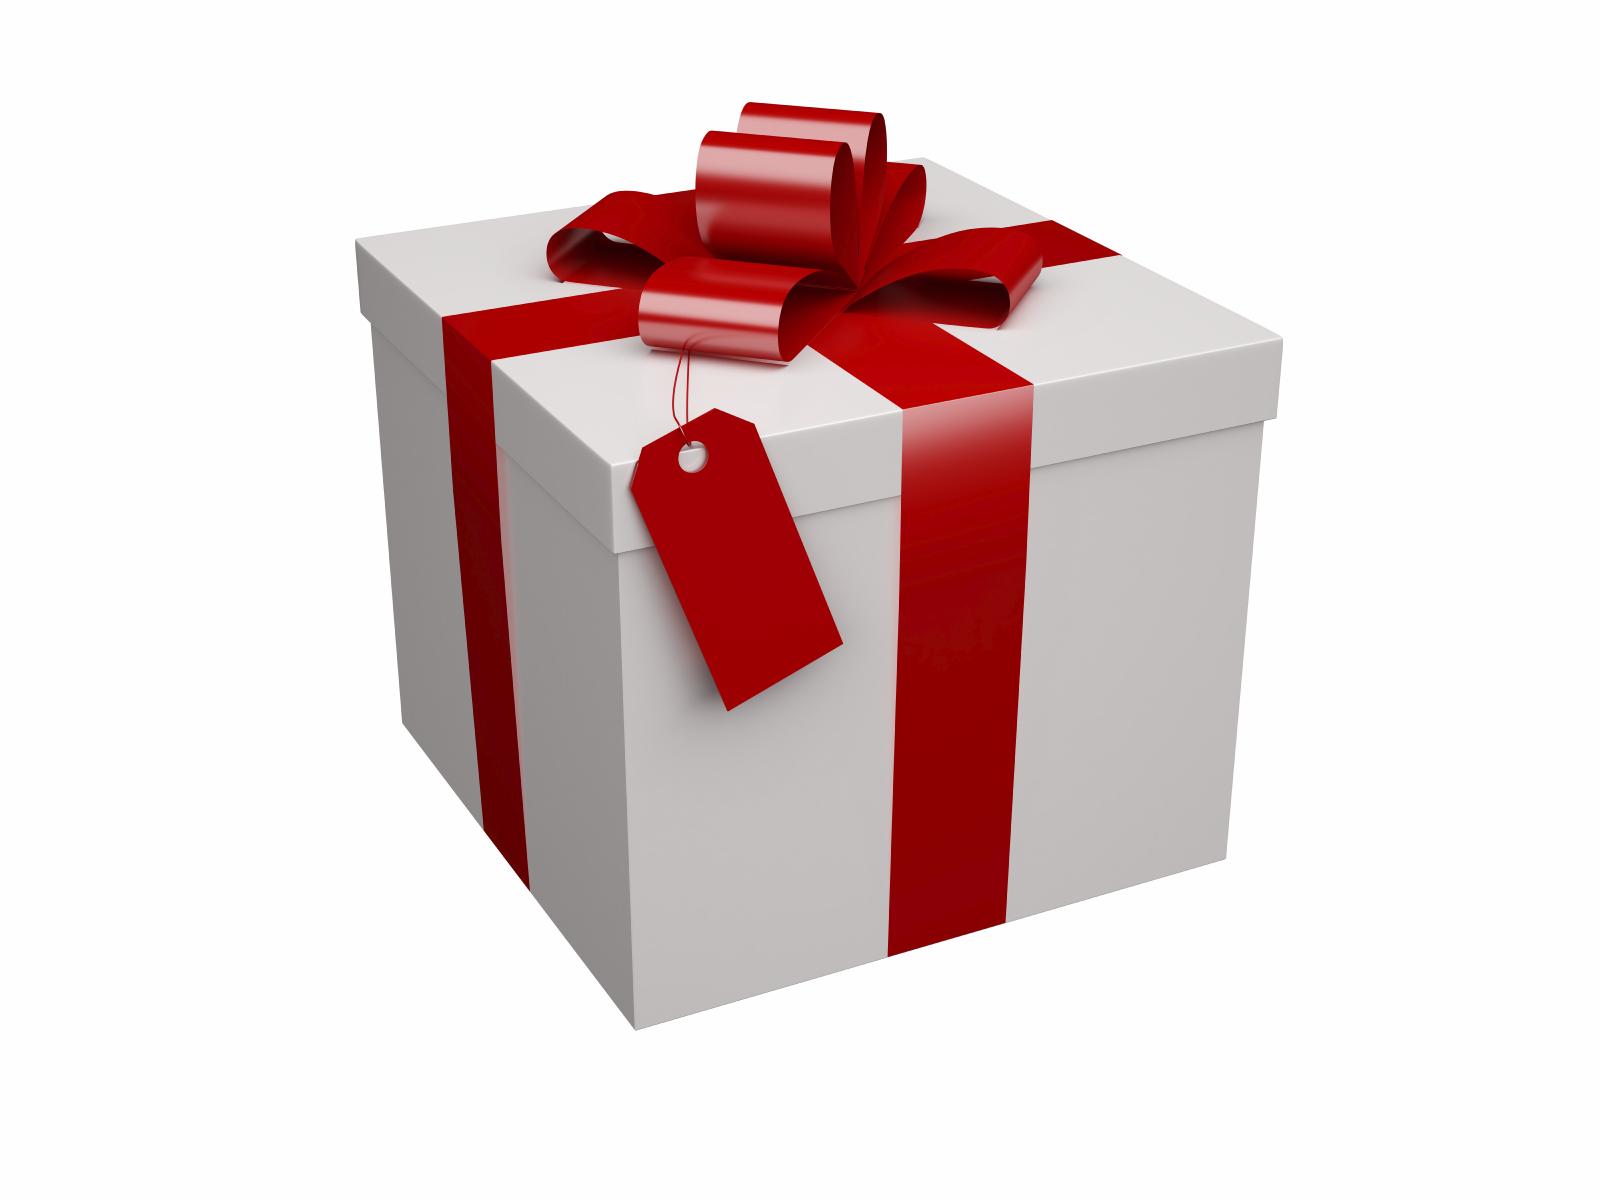 http://3.bp.blogspot.com/-gDvyQH9uC3k/ThLSZPSmZGI/AAAAAAAAA_g/i1tw_3GfYaM/s1600/present.jpg